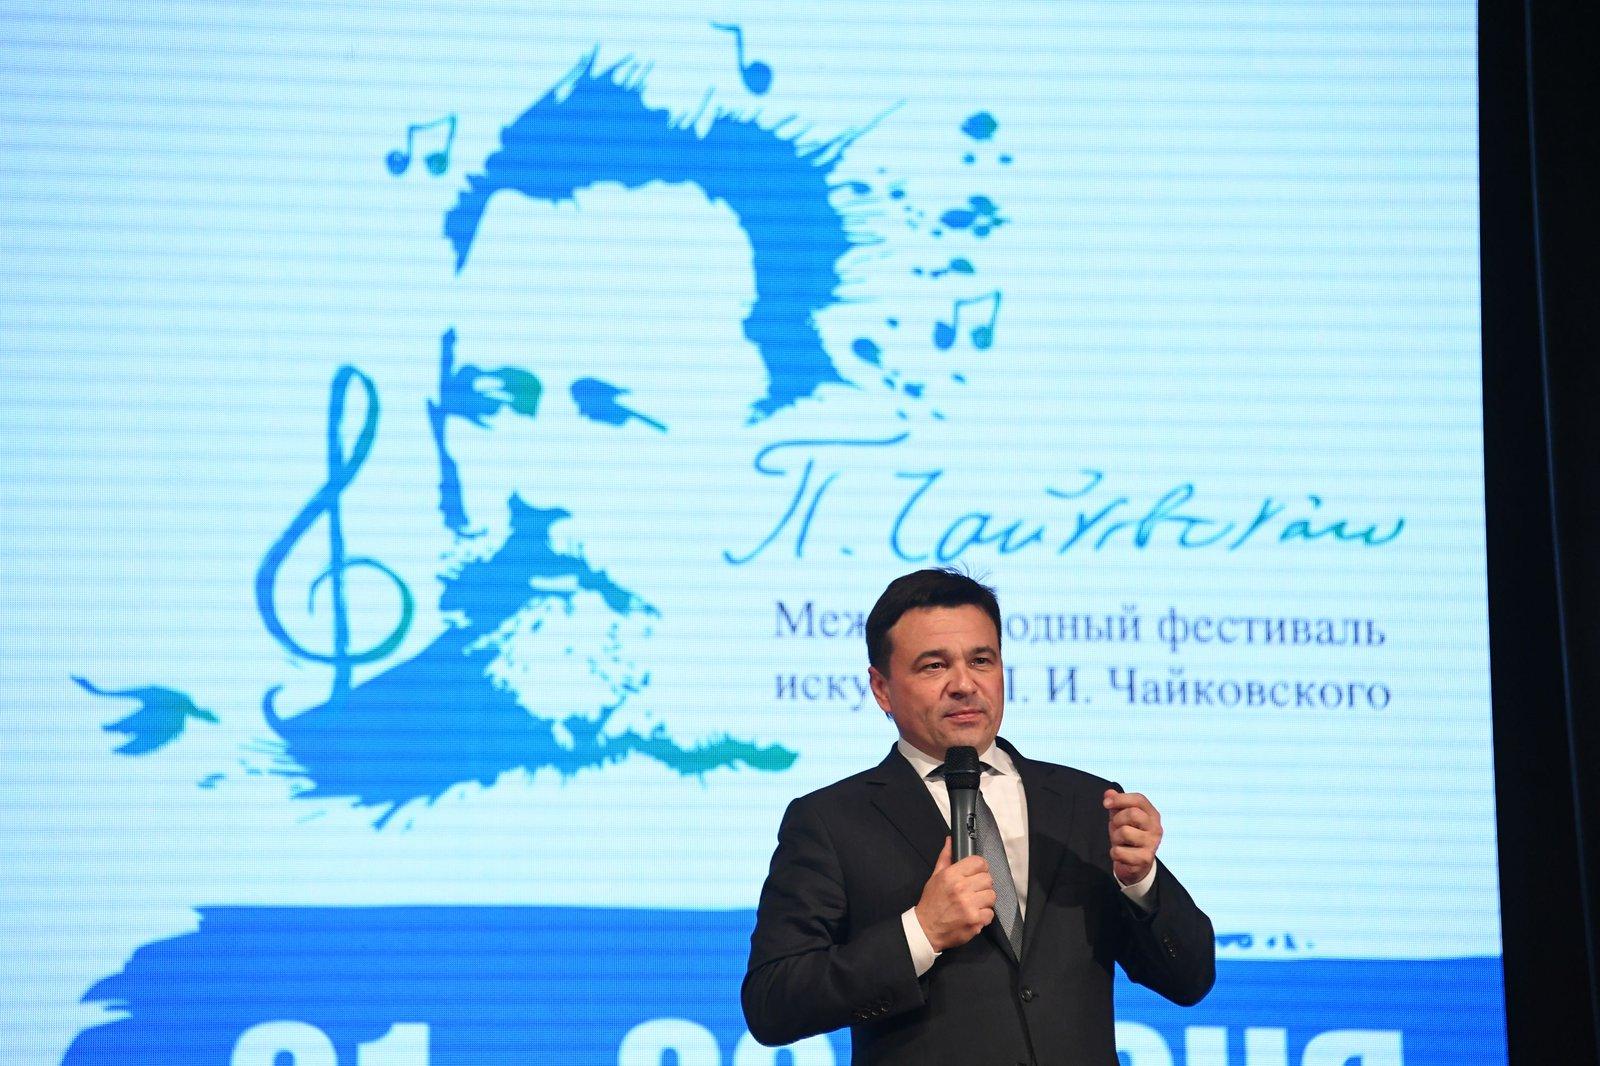 Андрей Воробьев губернатор московской области - Миллионы для самых талантливых: в Подмосковье вручили гранты юным музыкантам